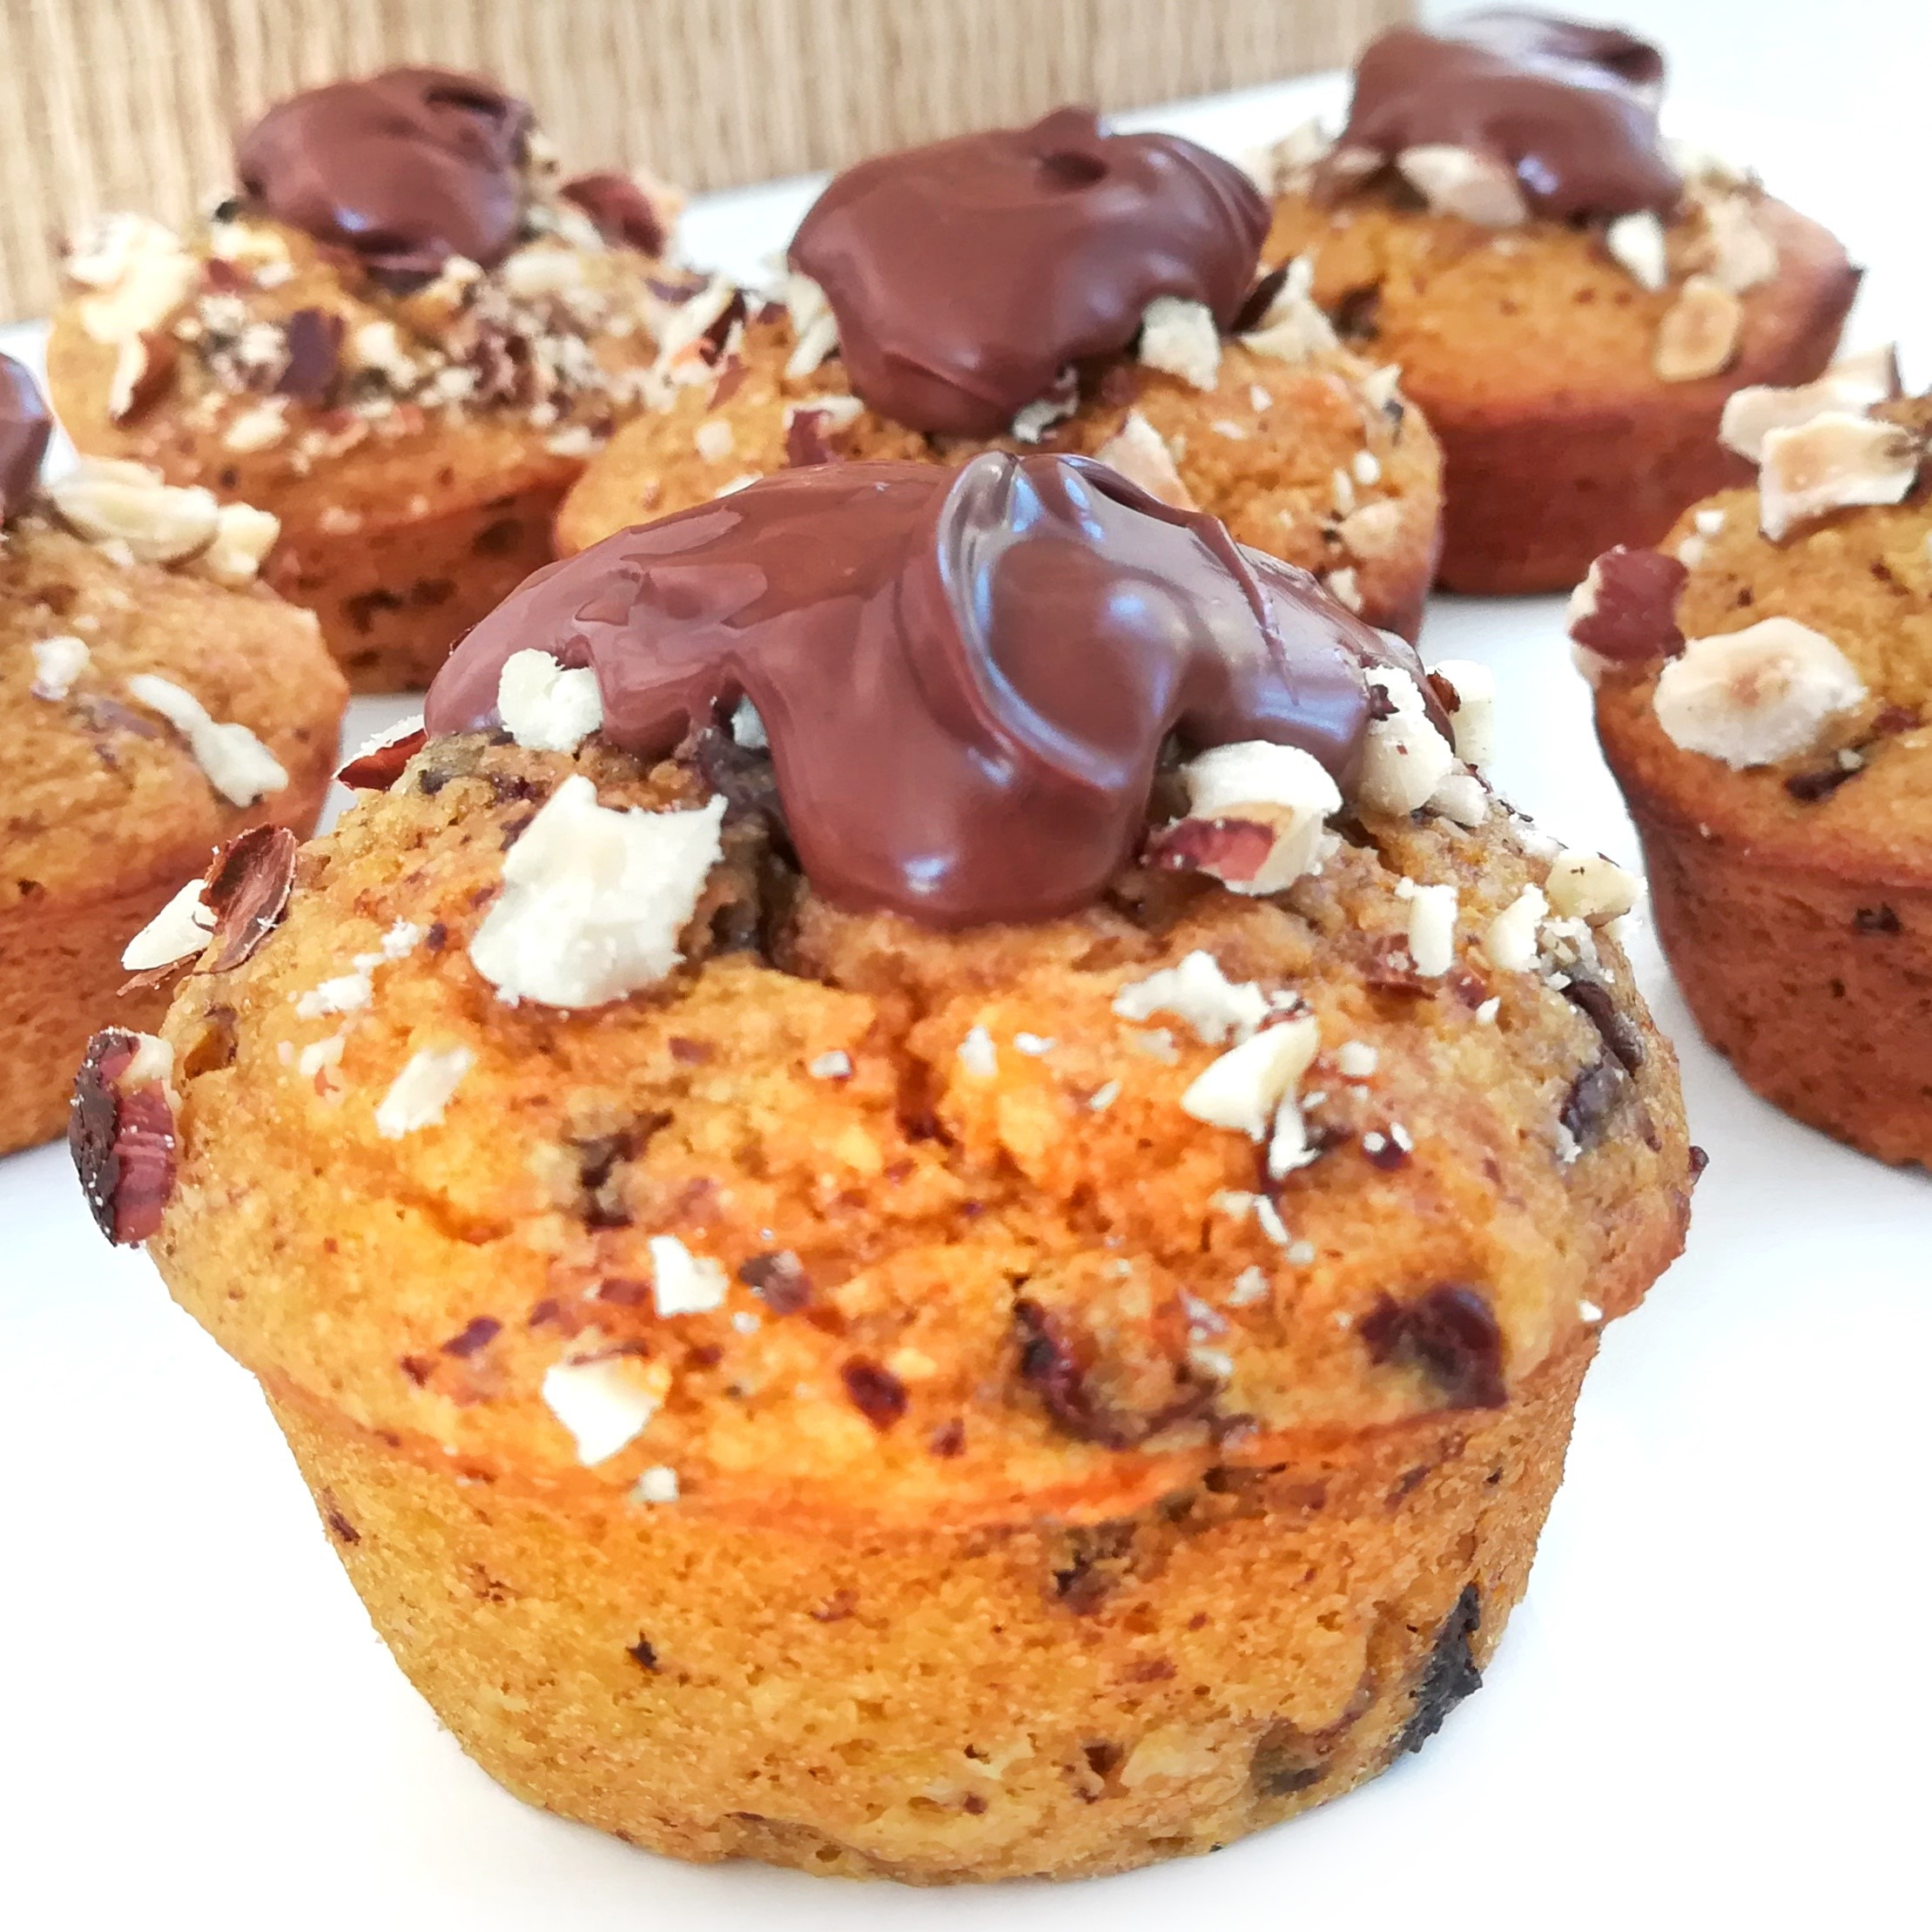 De délicieux muffins à la courge butternut et aux pépites de chocolat, ultra gourmands